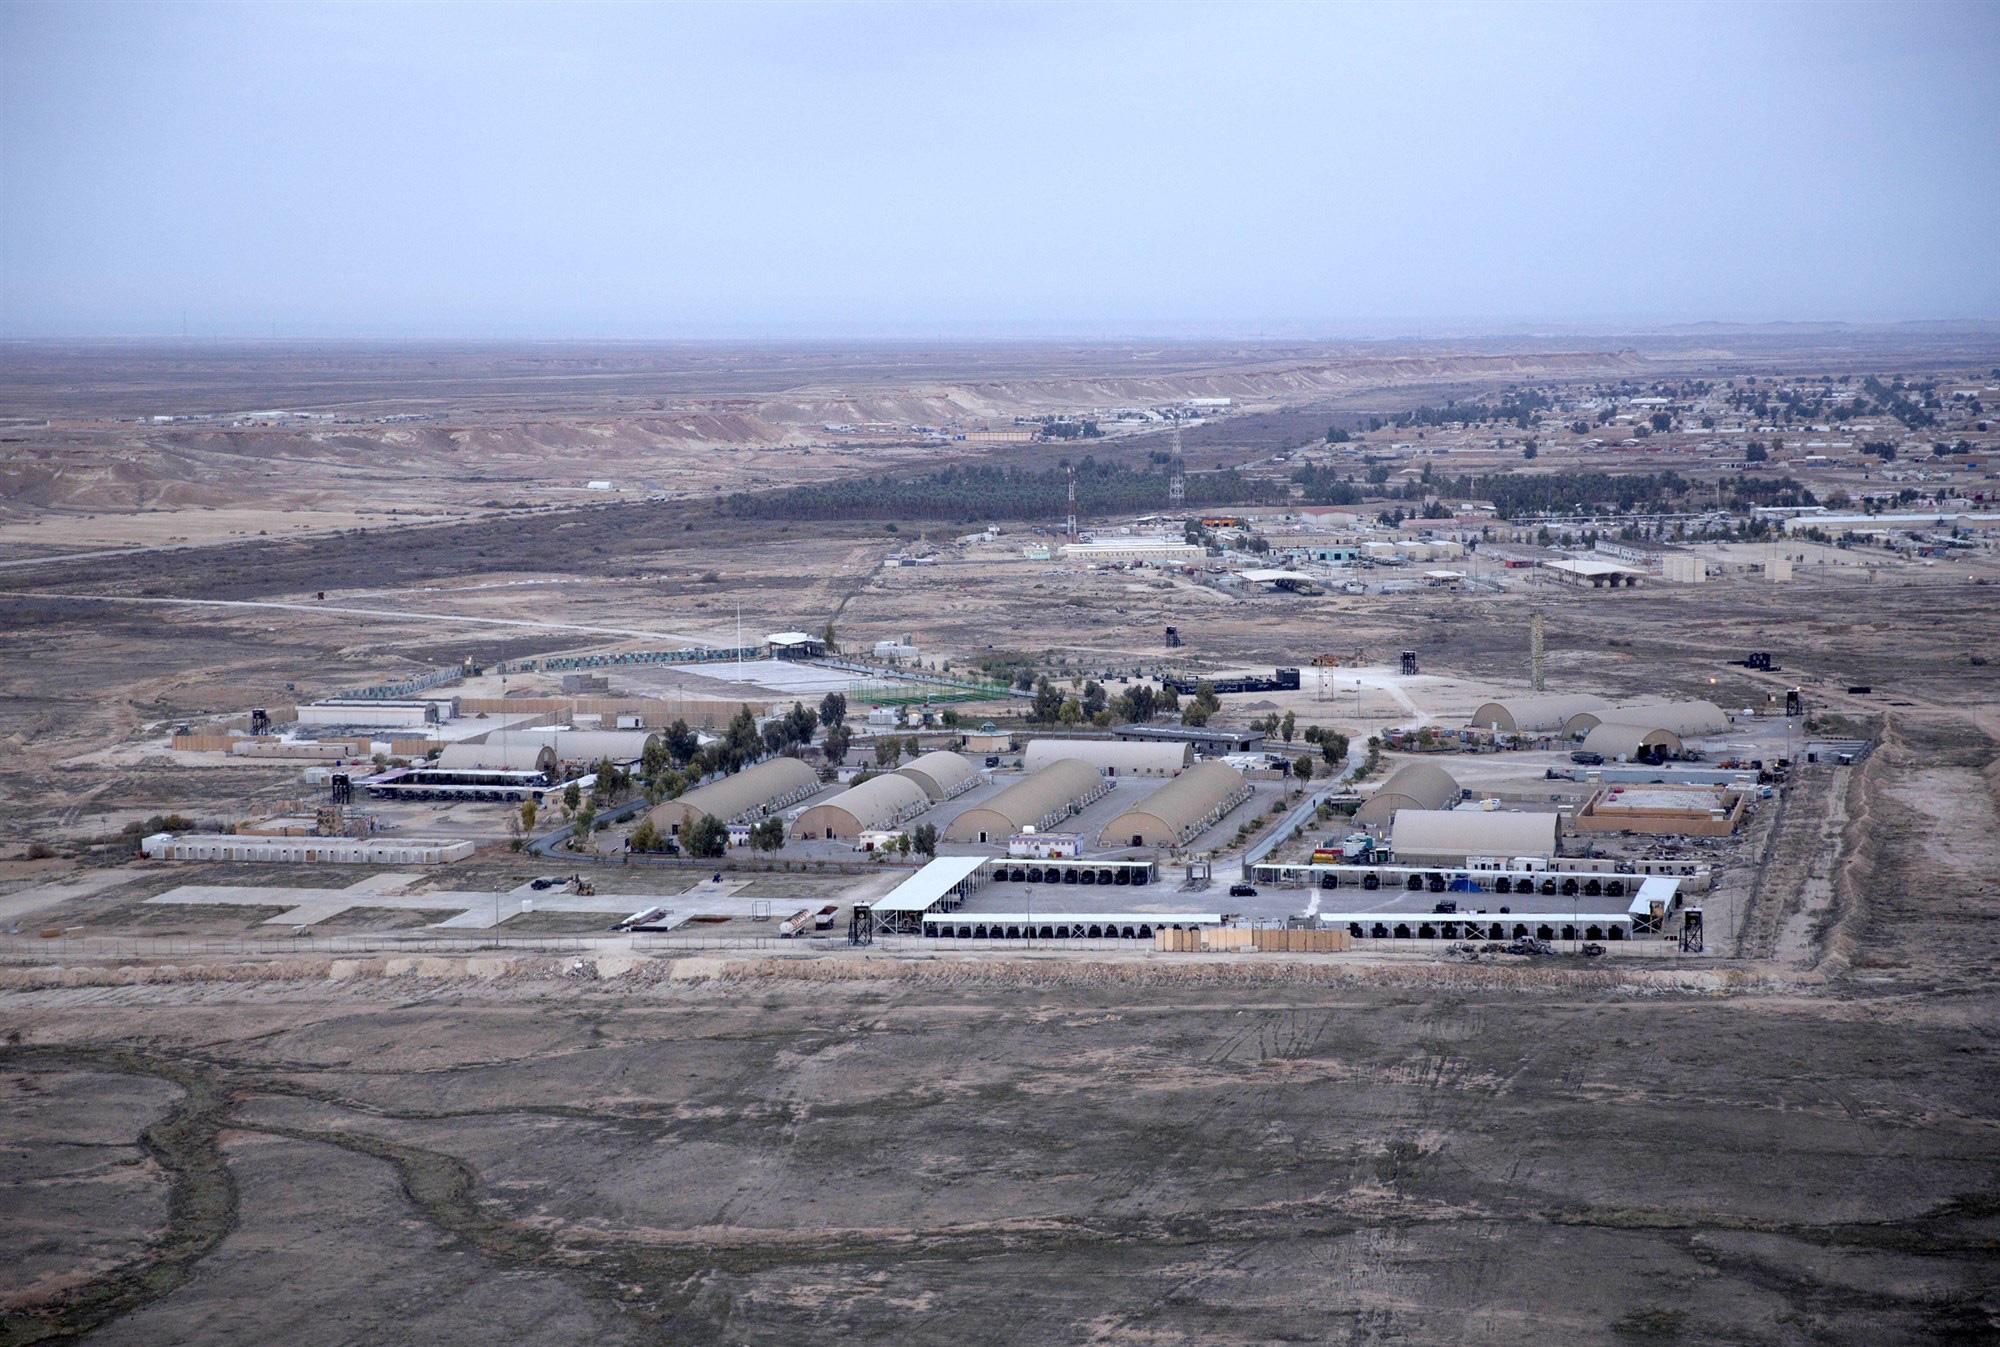 Iran phóng loạt rocket vào căn cứ Mỹ để trả thù cho tướng Soleimani - Ảnh 1.